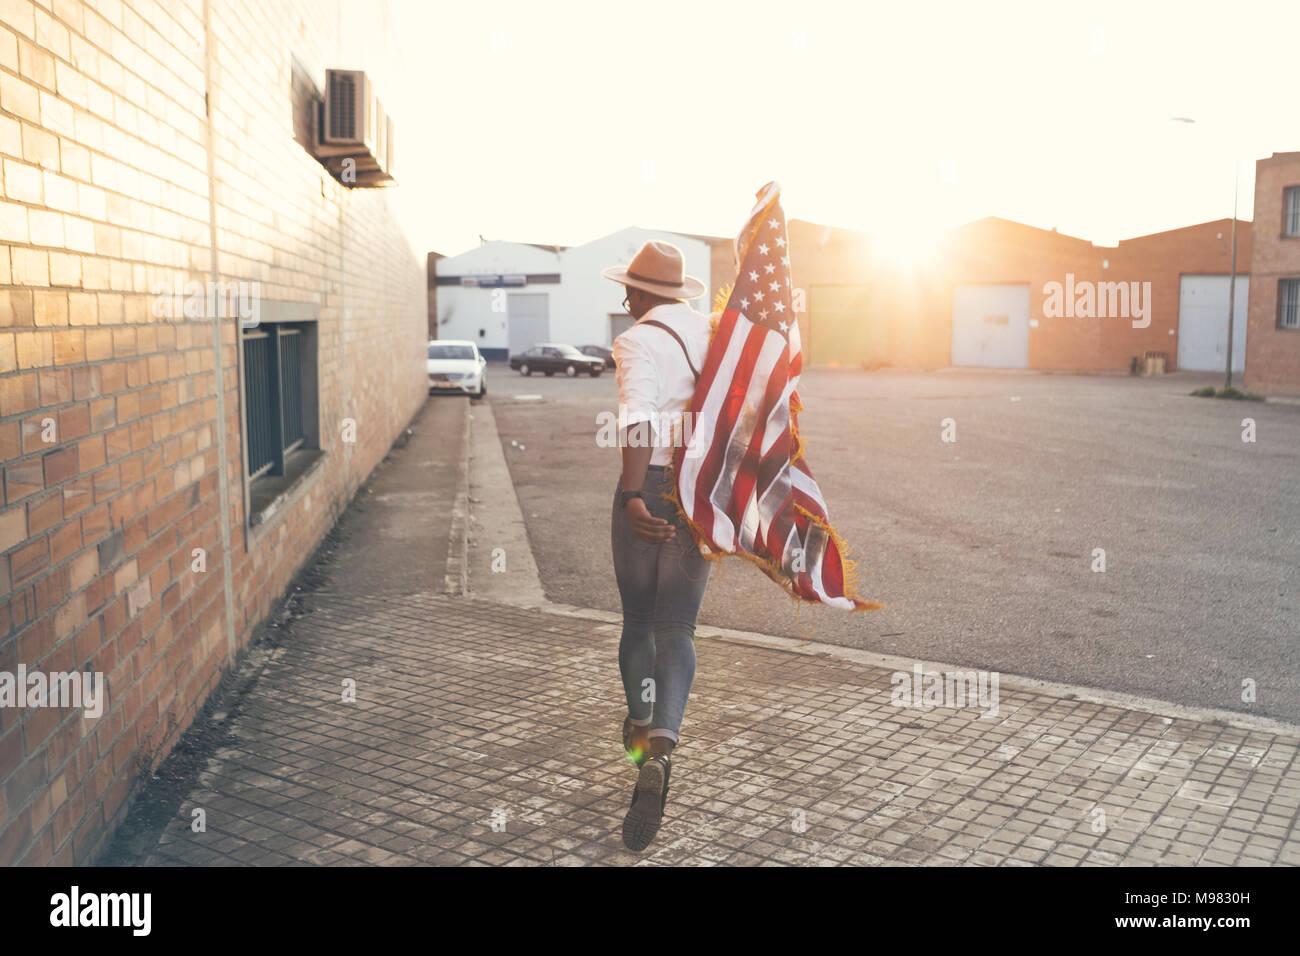 Rückansicht des jungen Mann laufen mit amerikanischer Flagge bei der Hintergrundbeleuchtung Stockbild